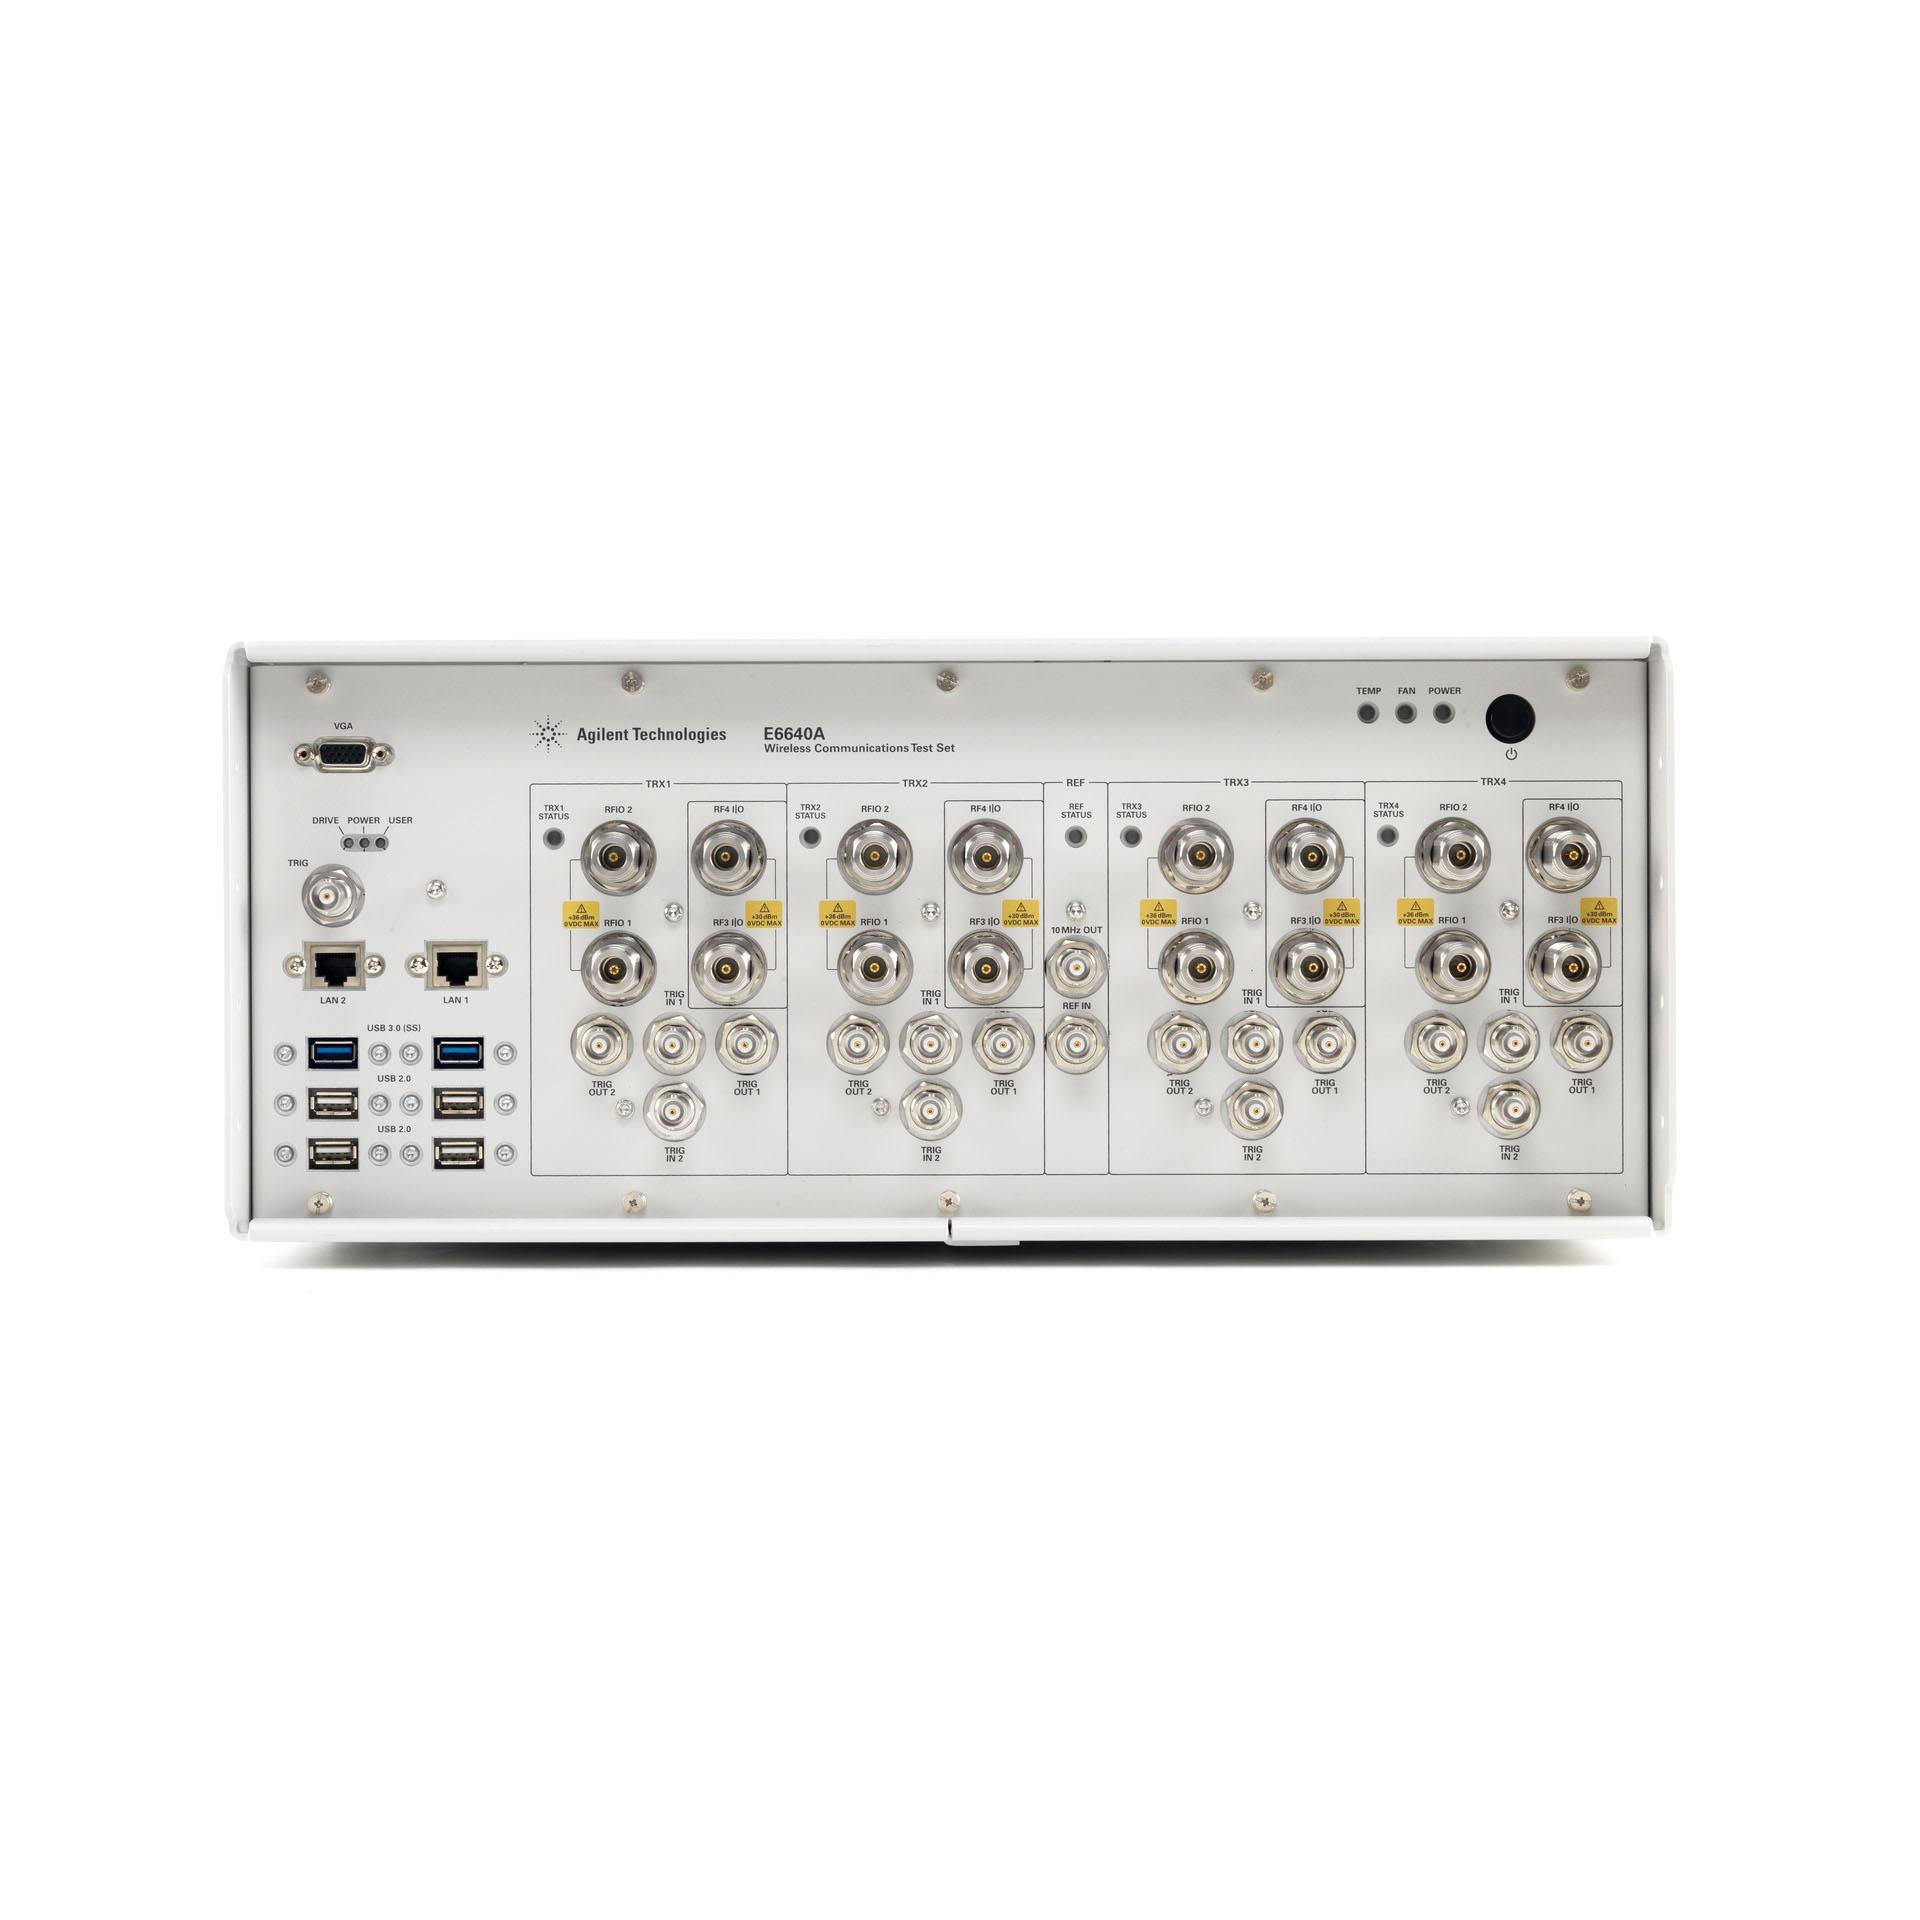 E6640A/V9071B-2FP,V9072B-2FP,V9073B-1FP・2FP・3FP,V9076B-1FP,V9080B-1FP,V9082B-1FP ワイヤレス・テスト・セット